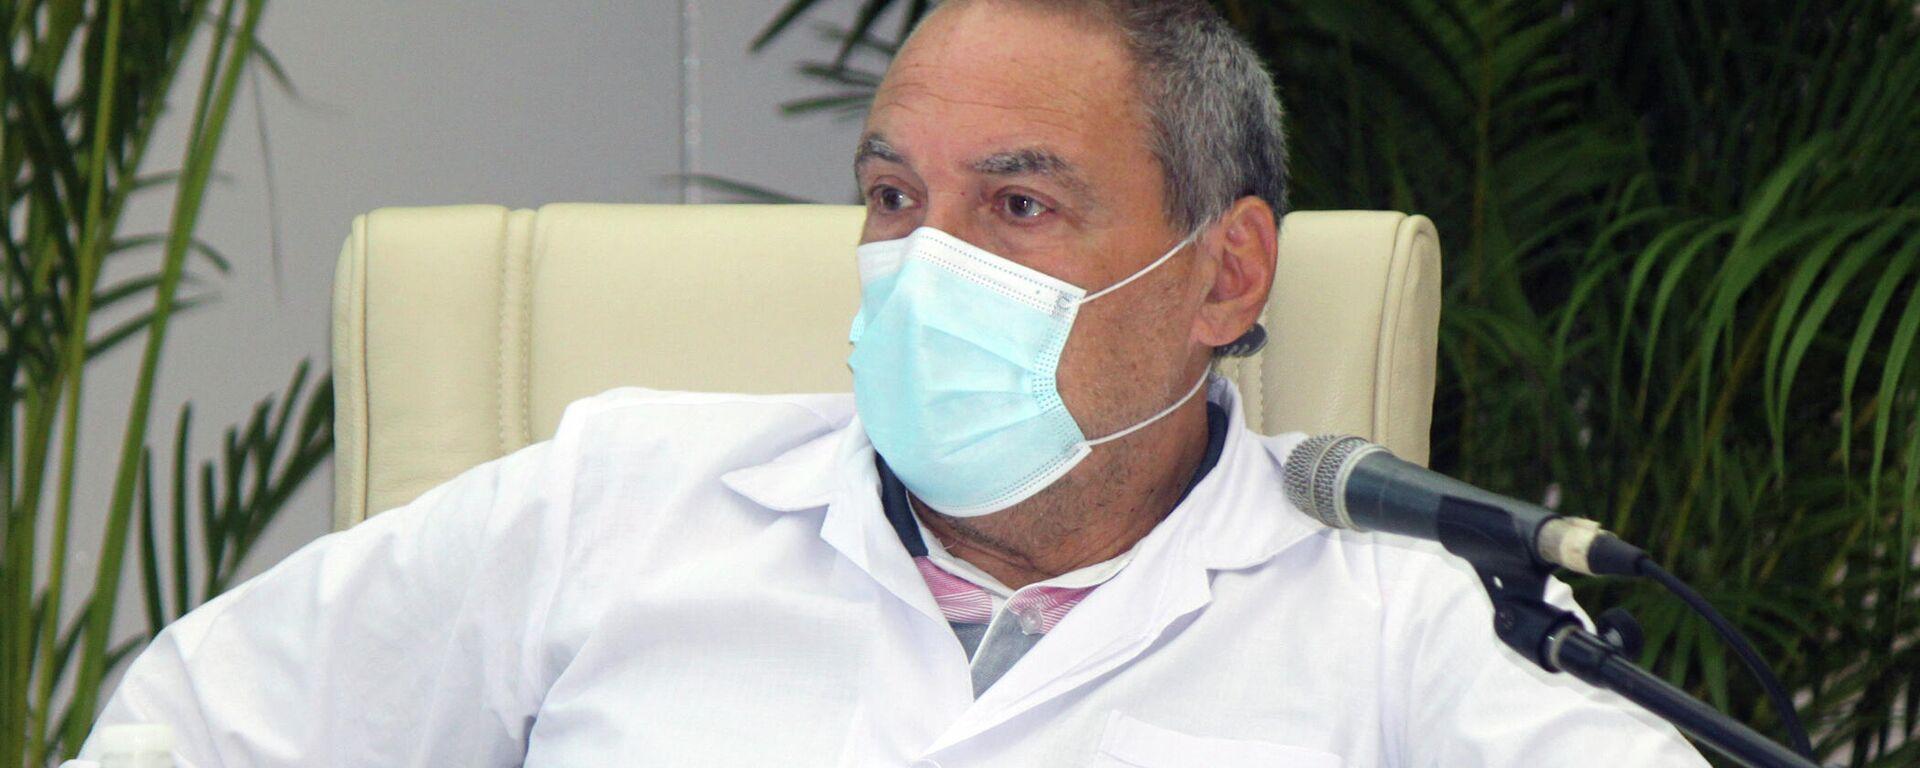 Doctor Vicente Vérez Bencomo, director general del Instituto Finlay de Vacunas de La Habana - Sputnik Mundo, 1920, 16.08.2021